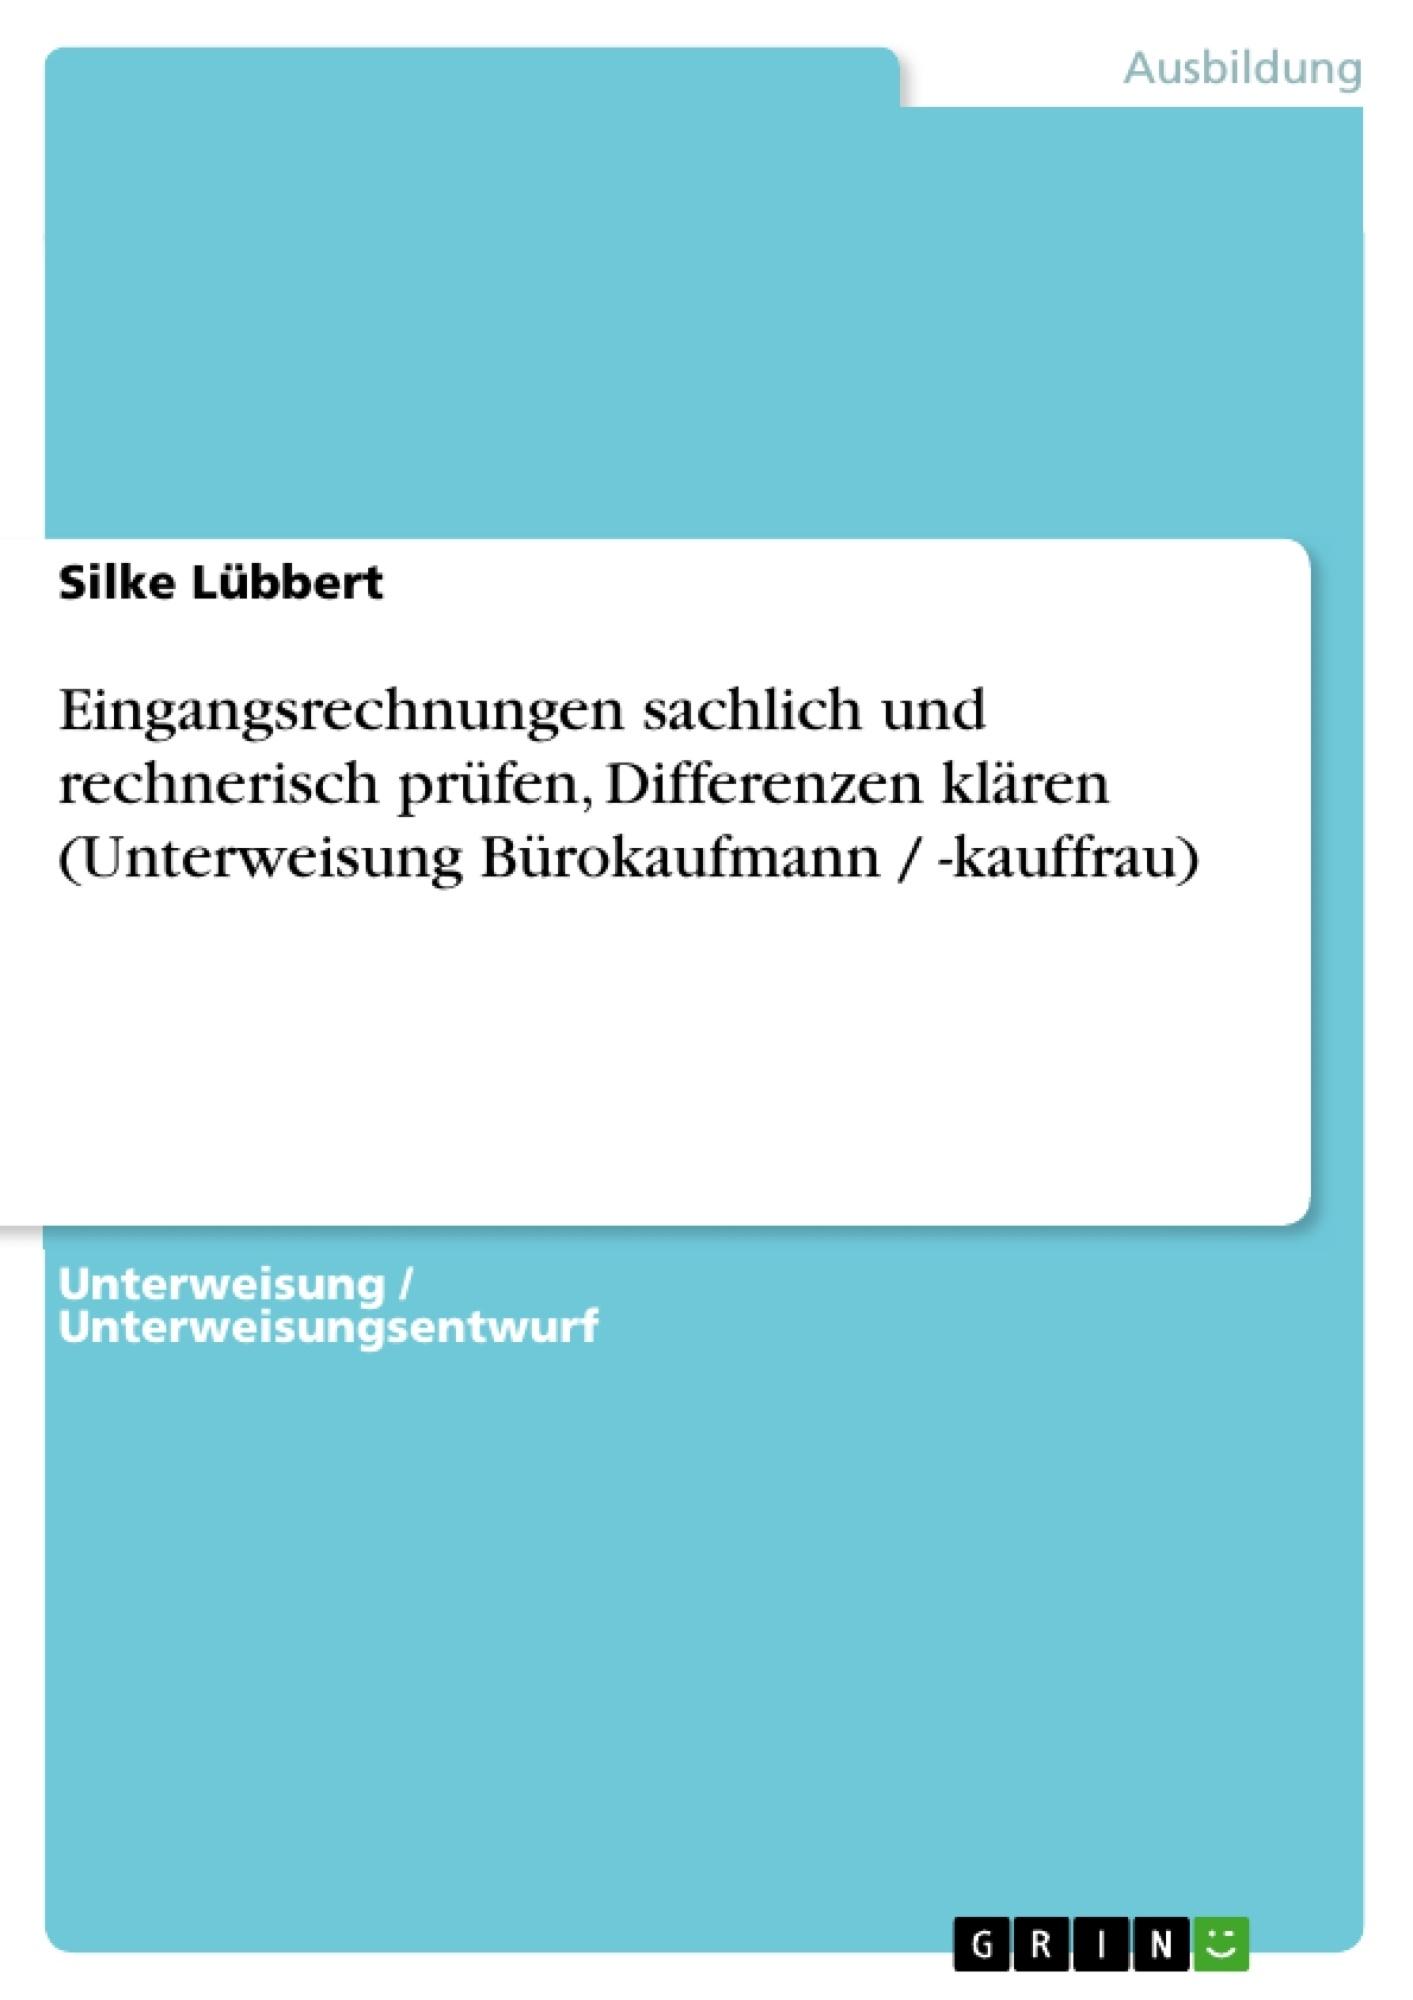 Titel: Eingangsrechnungen sachlich und rechnerisch prüfen, Differenzen klären (Unterweisung Bürokaufmann / -kauffrau)